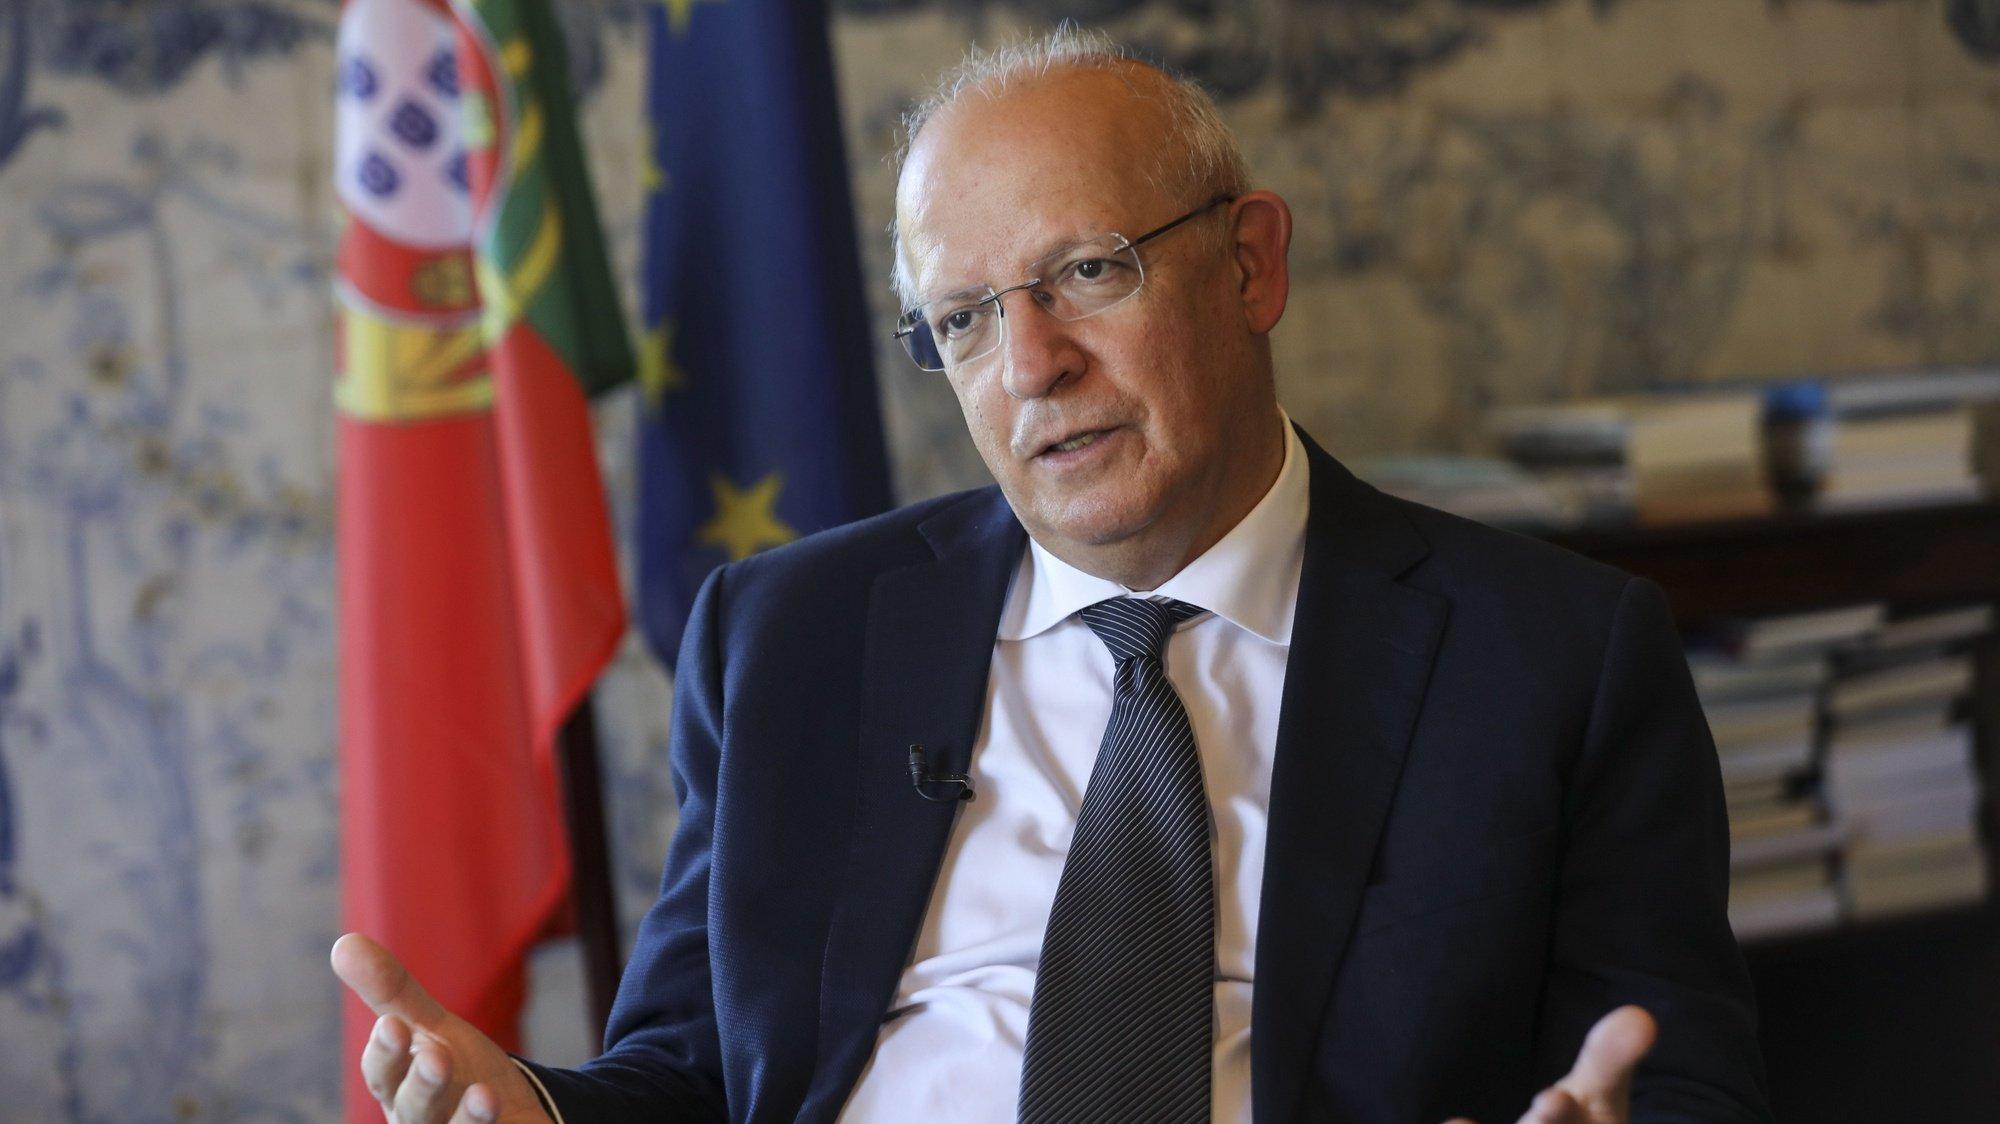 Entrevista ao ministro dos Negócios Estrangeiros, Augusto Santos Silva, no Ministério dos Negócios Estrangeiros, em Lisboa, 19 de junho de 2020. (ACOMPANHA TEXTO DE 20 DE JUNHO DE 2020). MIGUEL A. LOPES/LUSA